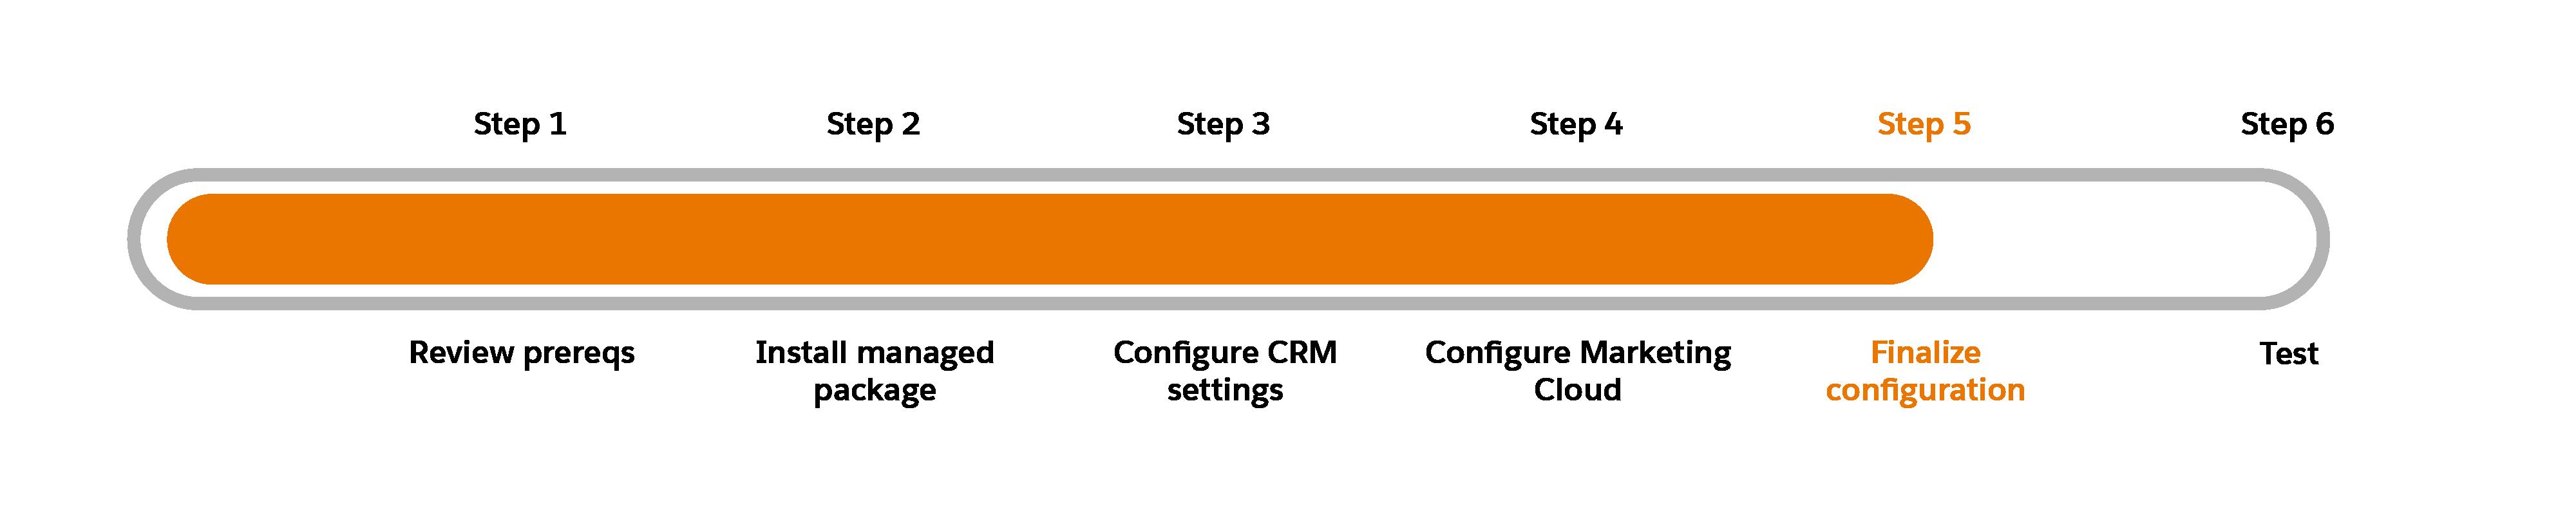 Fortschrittsdiagramm mit Schritt 5: Abschließen der Konfiguration hervorgehoben.